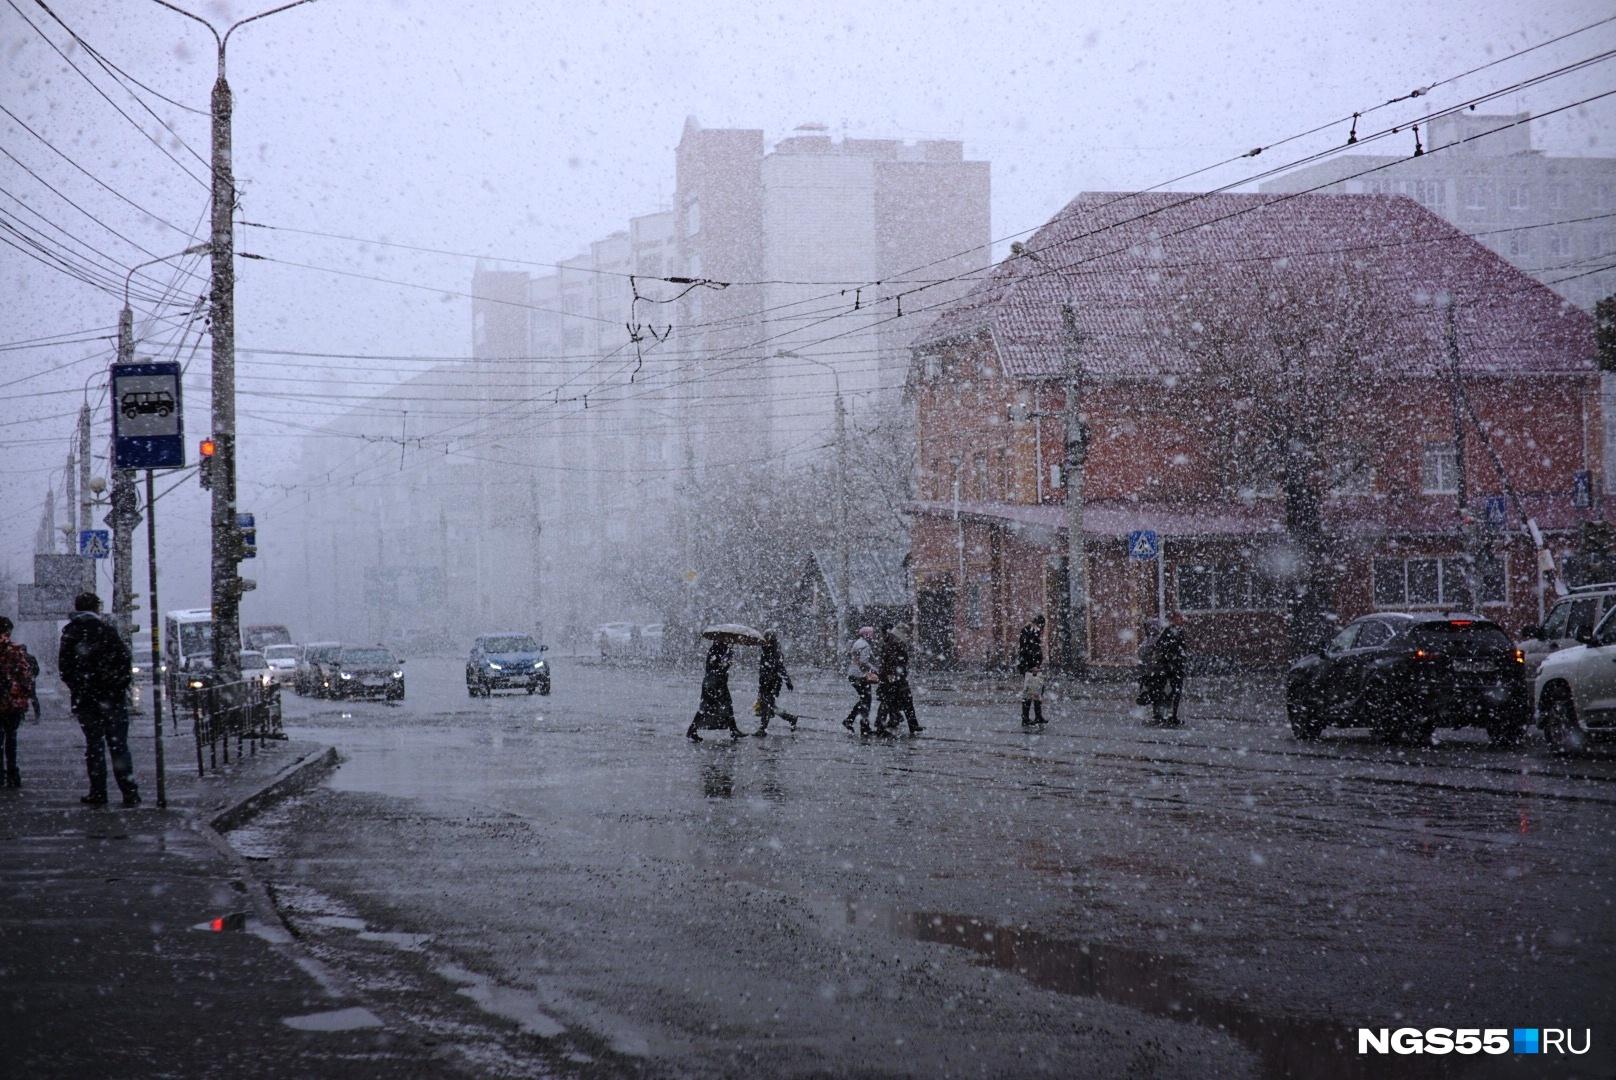 поиска запросу погода в омске сейчас фото людей